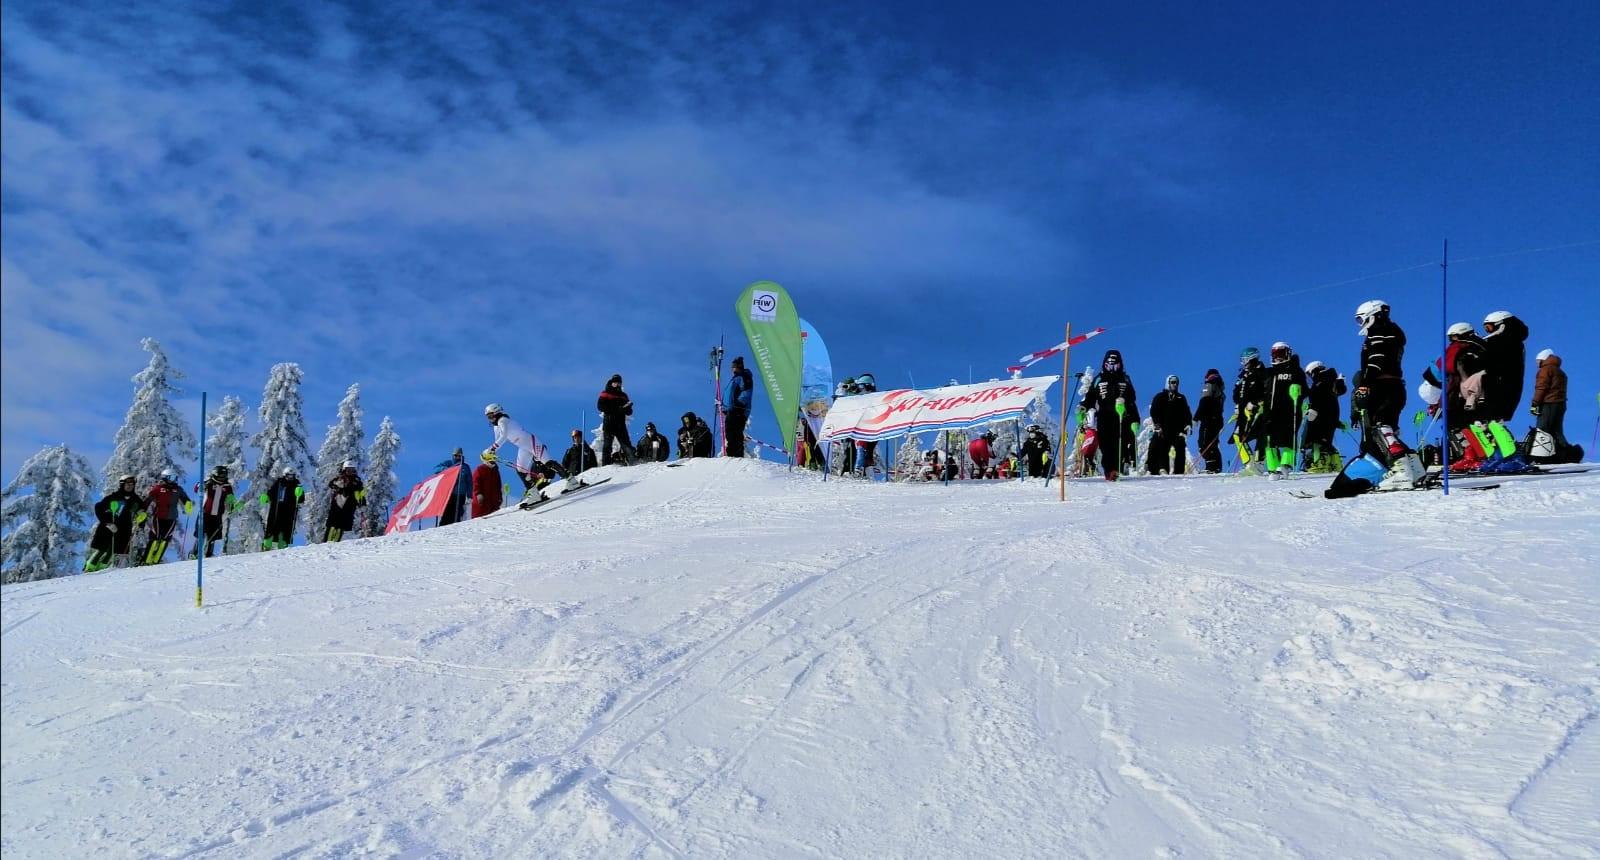 ASKÖ Klippitztörl veranstaltet FIS Damen Slalom am Klippitztörl